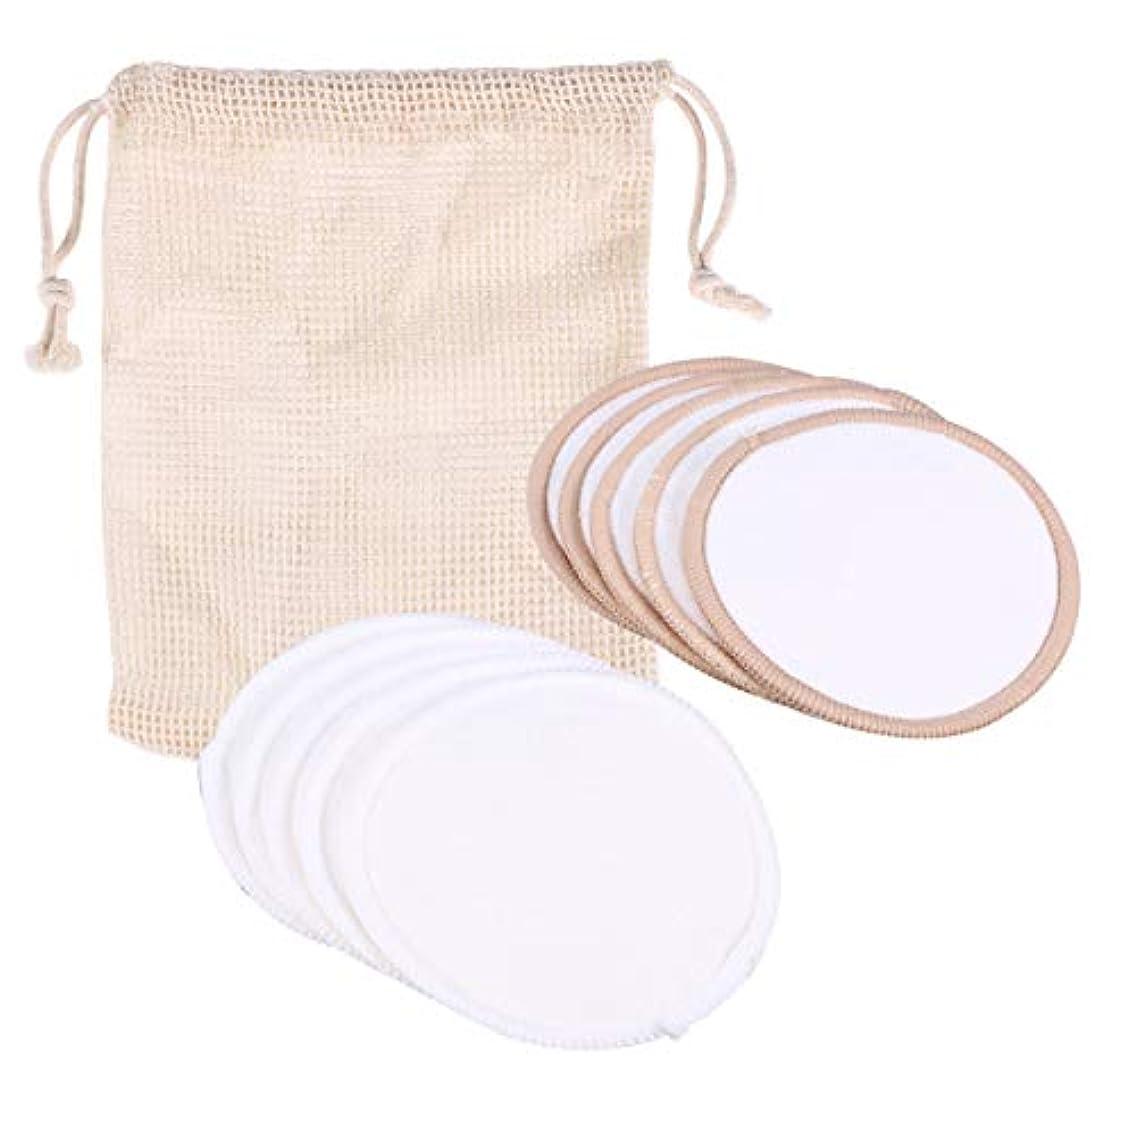 裕福な侮辱ご飯Lurrose 10ピースメイクリムーバーパッド洗える再利用可能なラウンドパッド顔目リップメイククリーニング